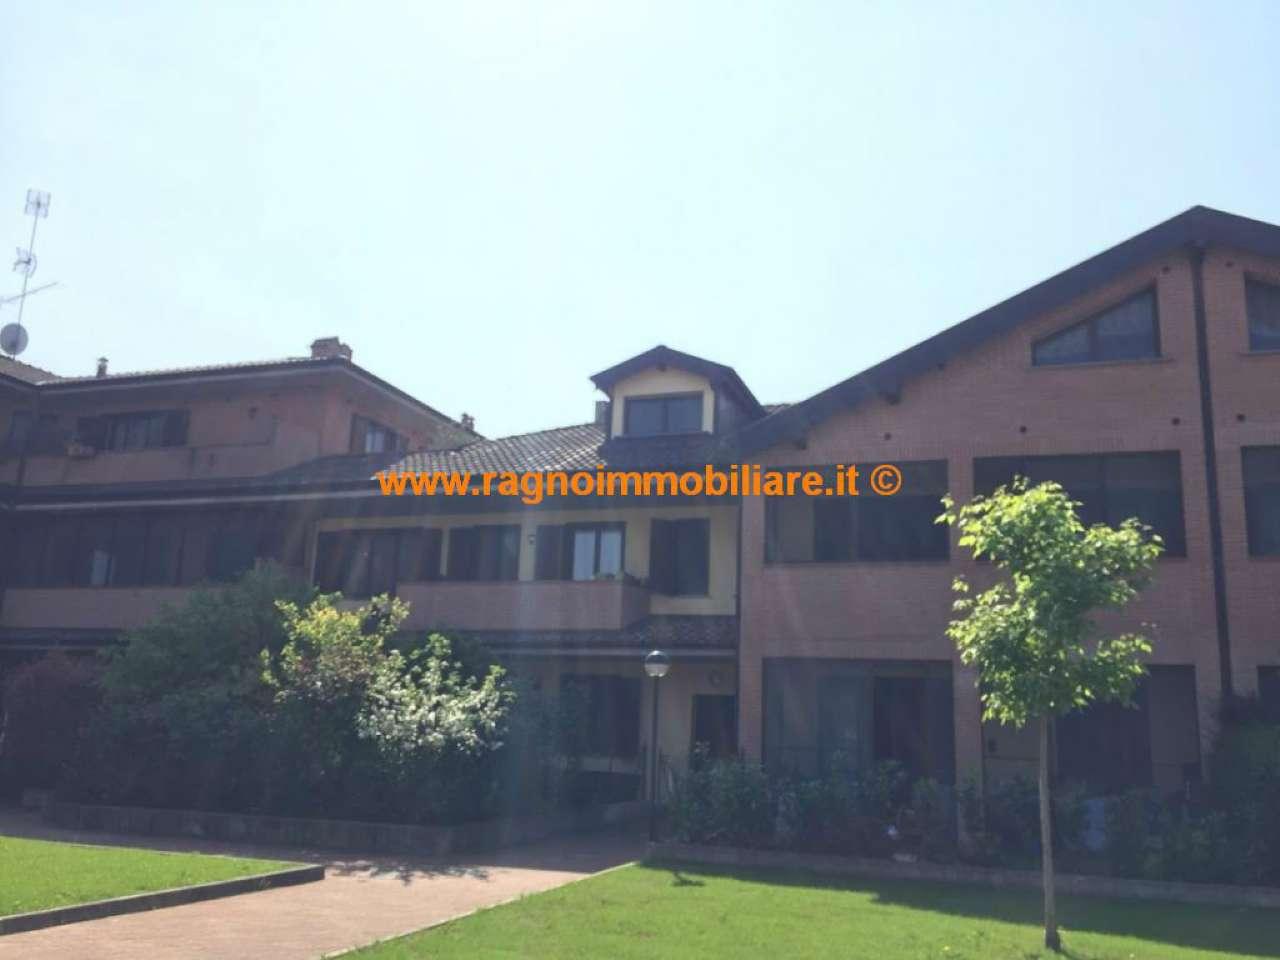 Appartamento in vendita a Giussago, 2 locali, prezzo € 88.000 | Cambio Casa.it